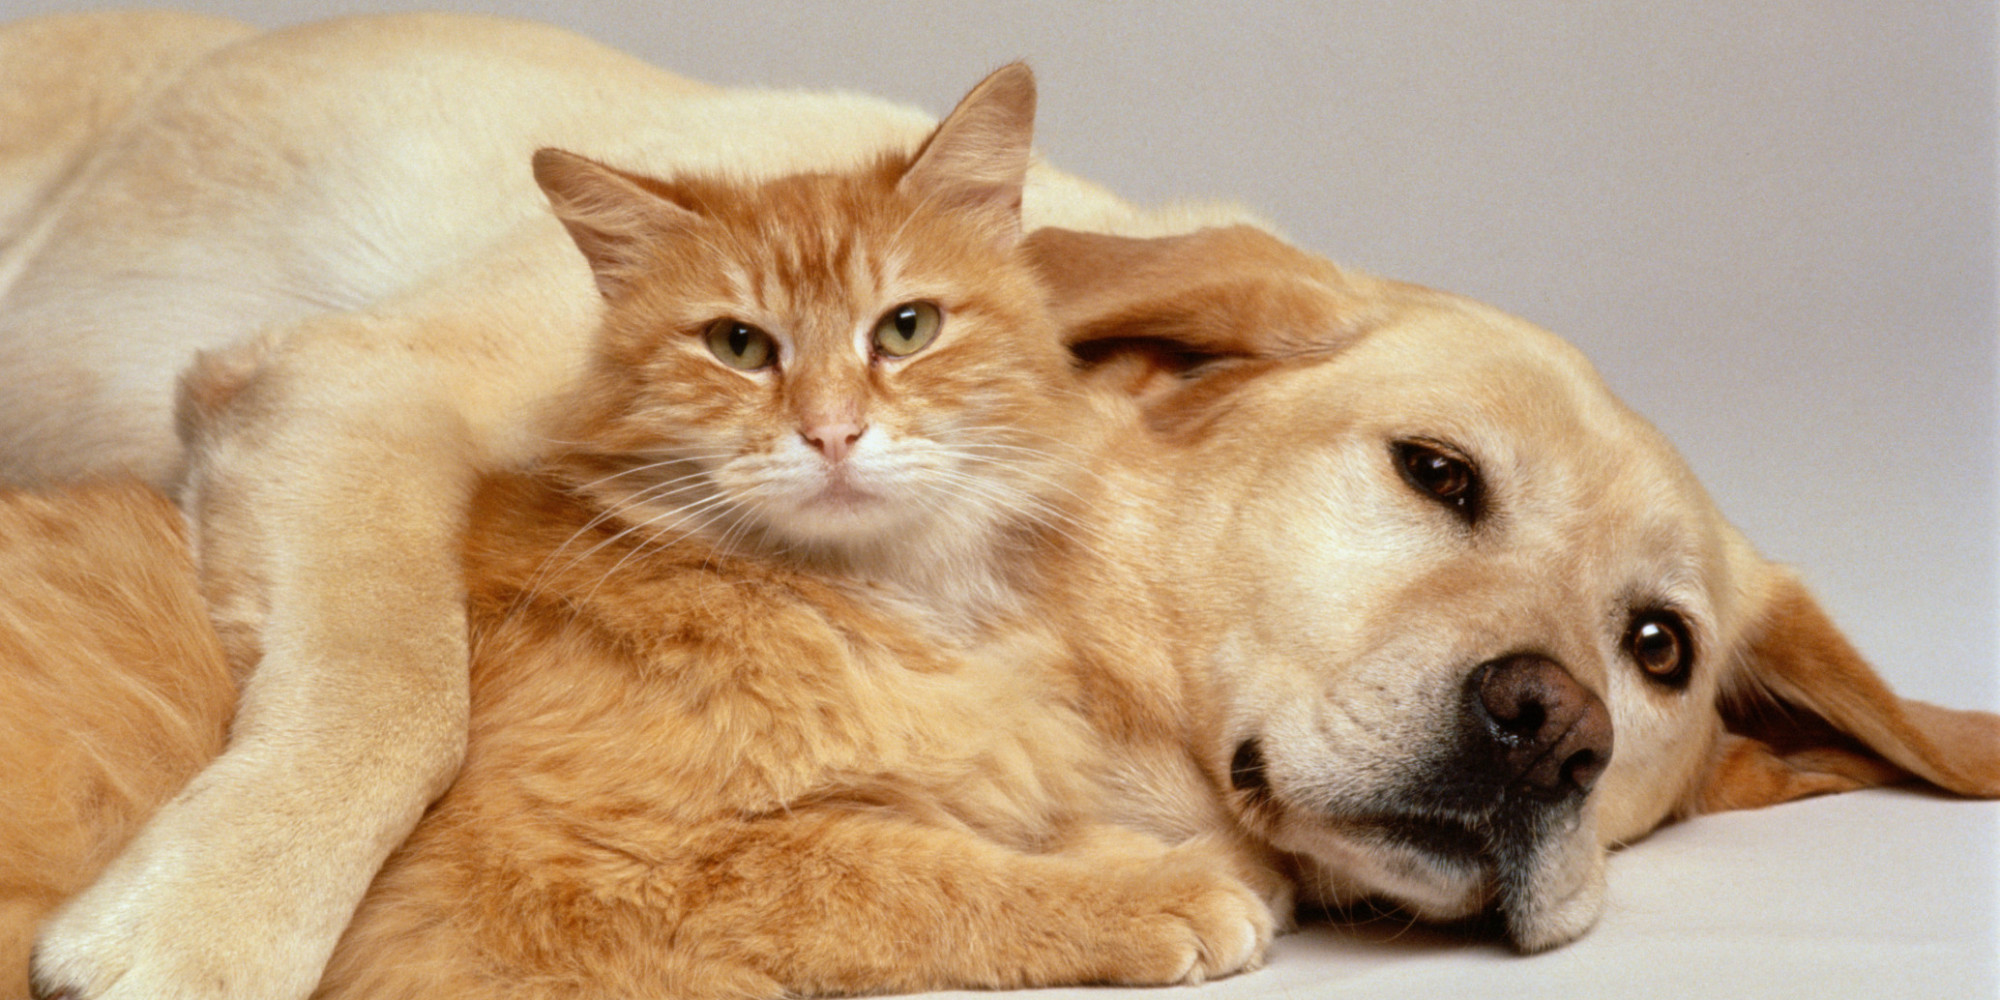 Naukowcy ustalili: Psy są mądrzejsze od kotów